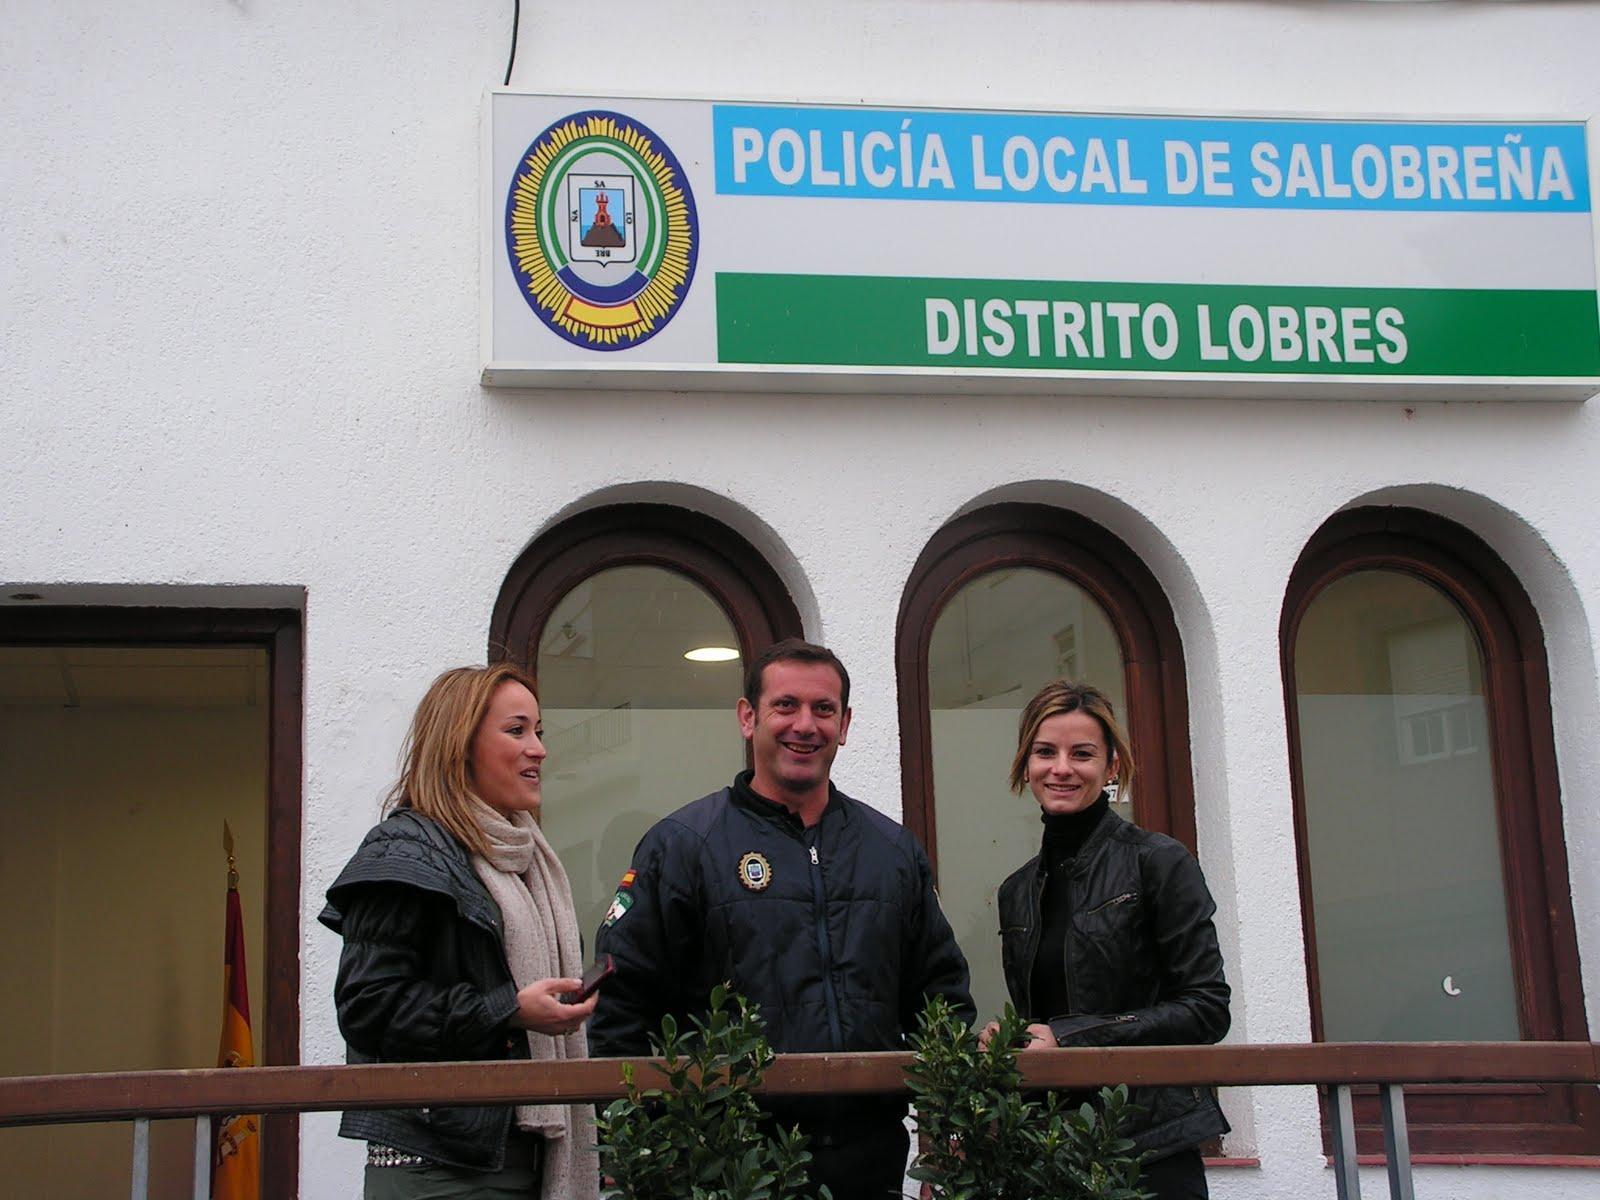 Lobres cuenta ya con una oficina de distrito de la polic a for Oficina de policia